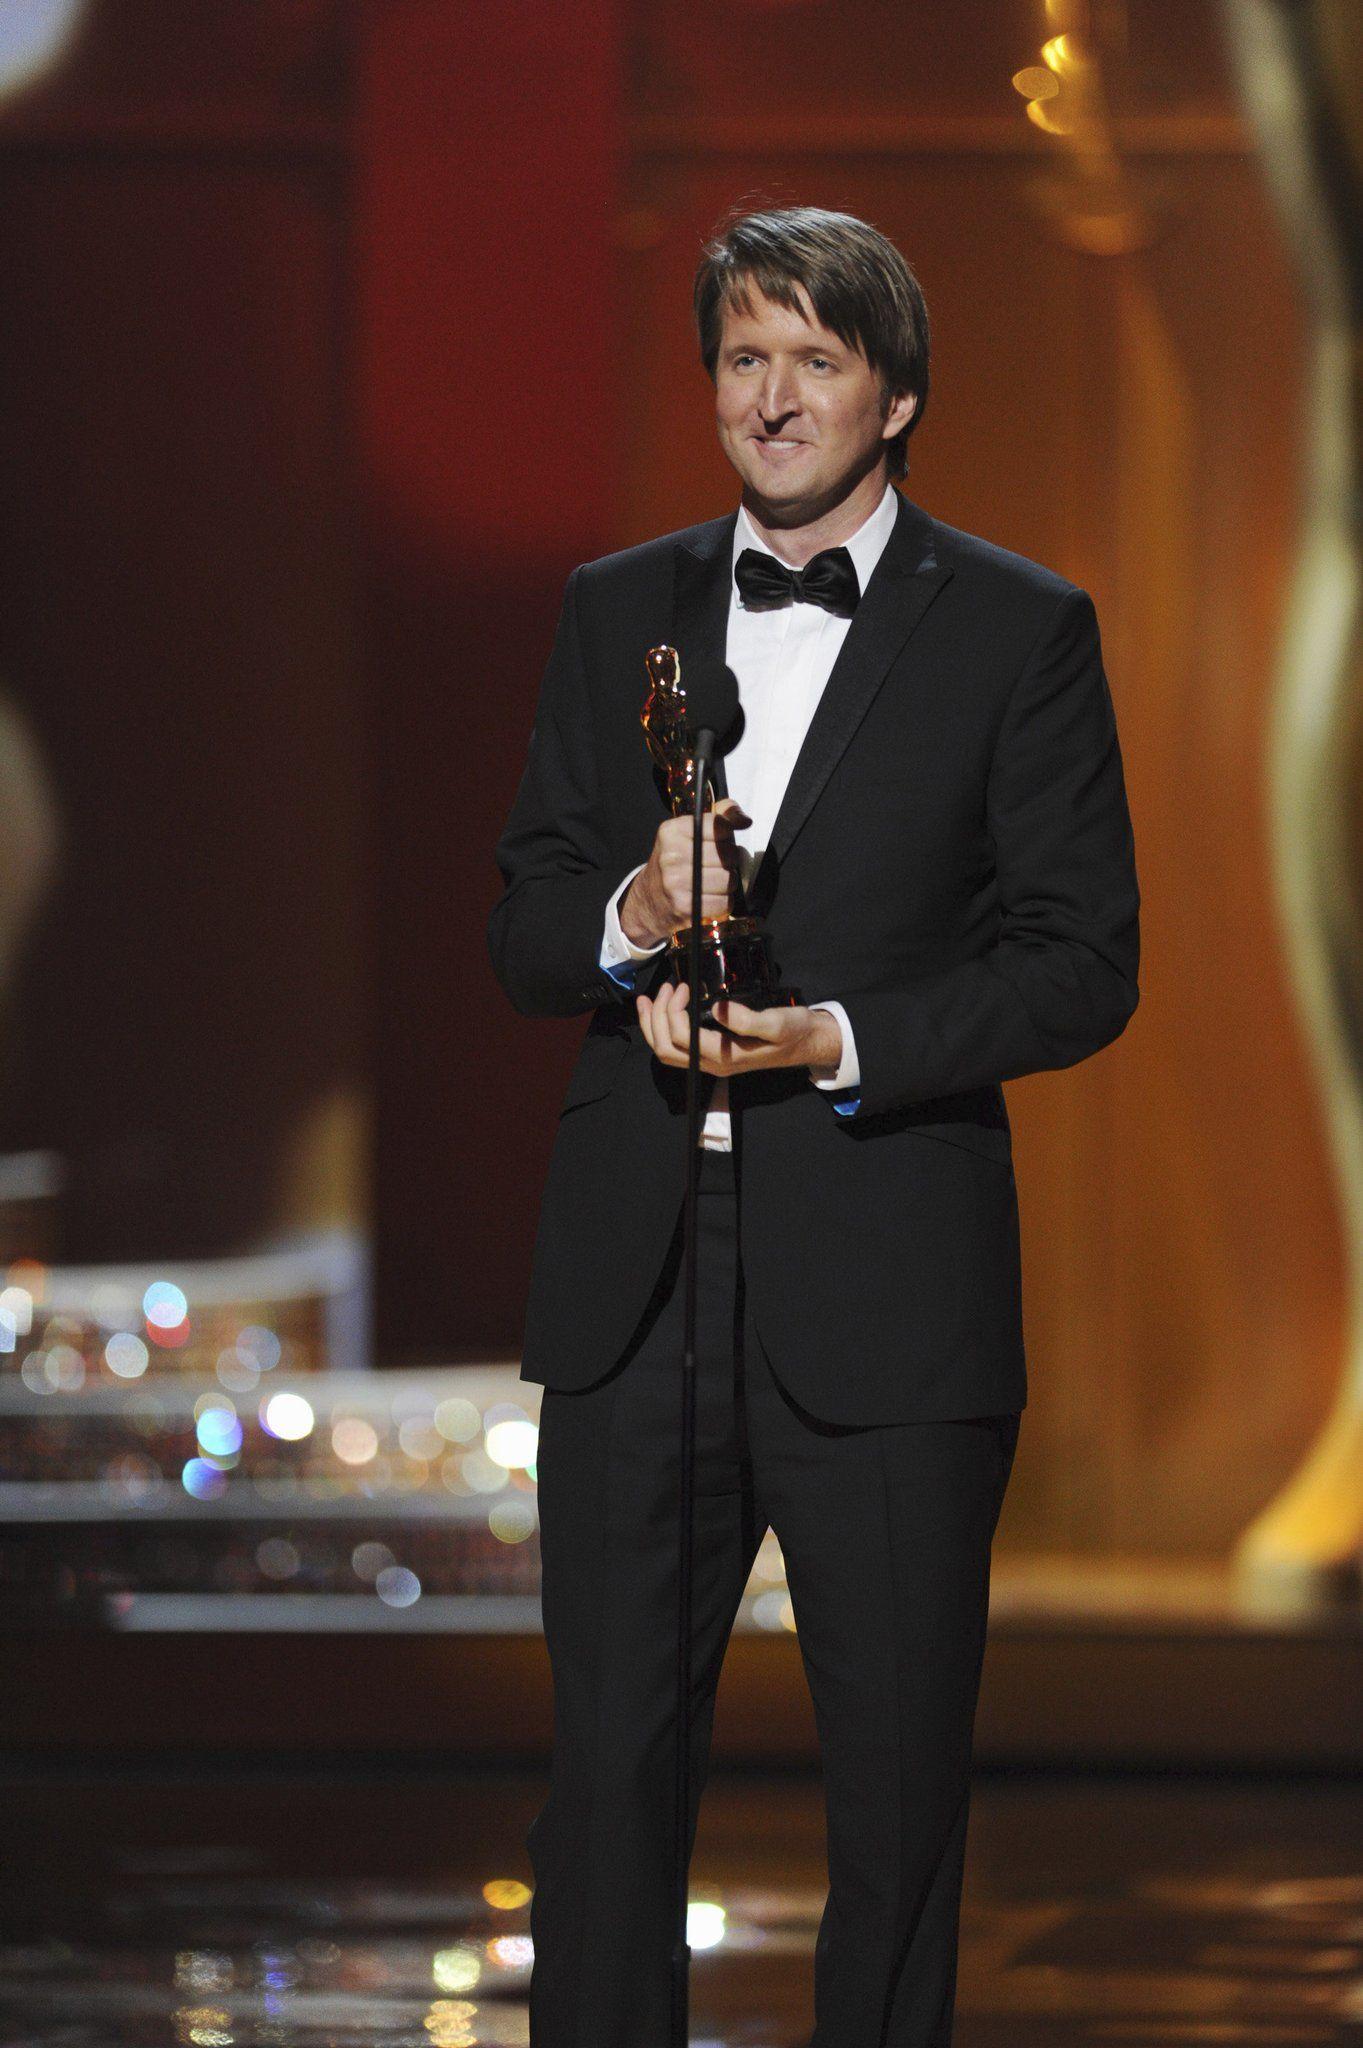 83rd Academy Awards - 2011: Academy Award Winners 2011